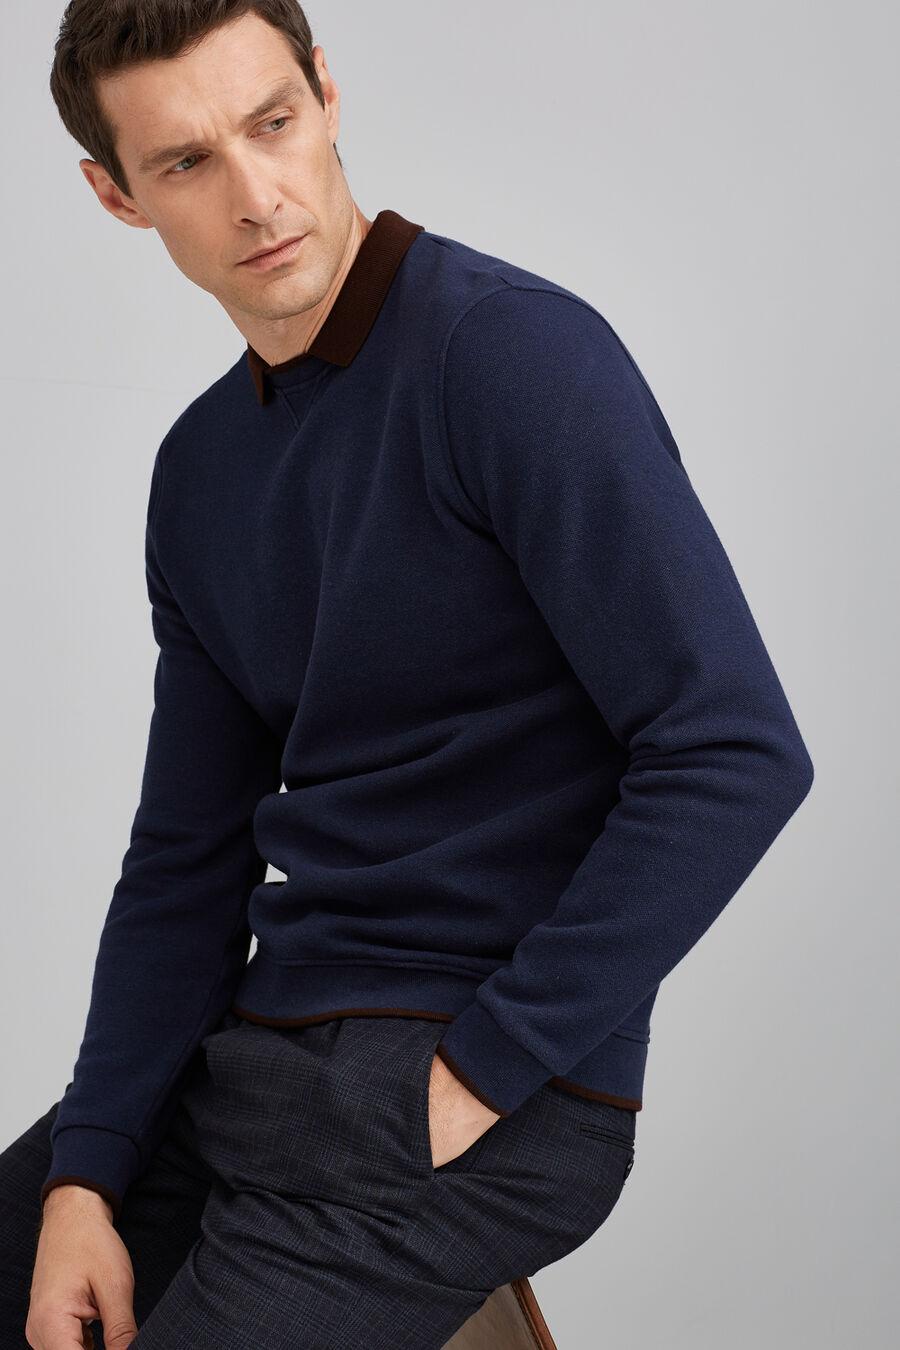 Pique sweatshirt